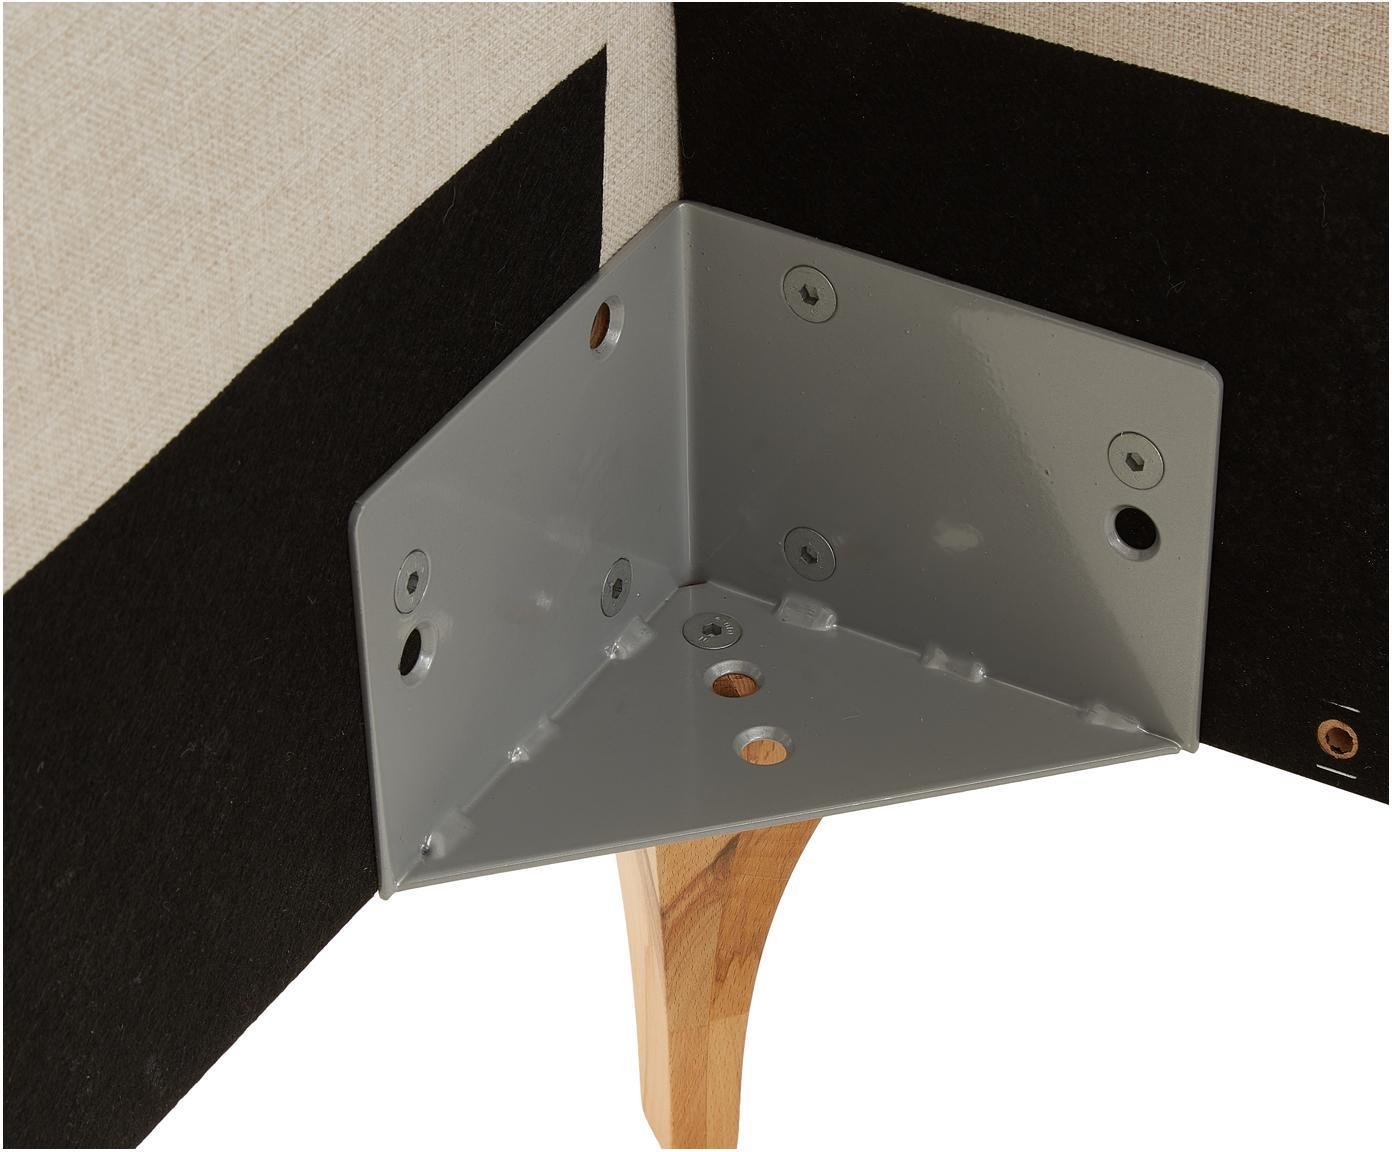 Polsterbett Tamara mit Kopfteil, Bezug: Polyester, Füße: Kernbuchenholz, geölt, Beige, Kernbuchenholz, 160 x 200 cm